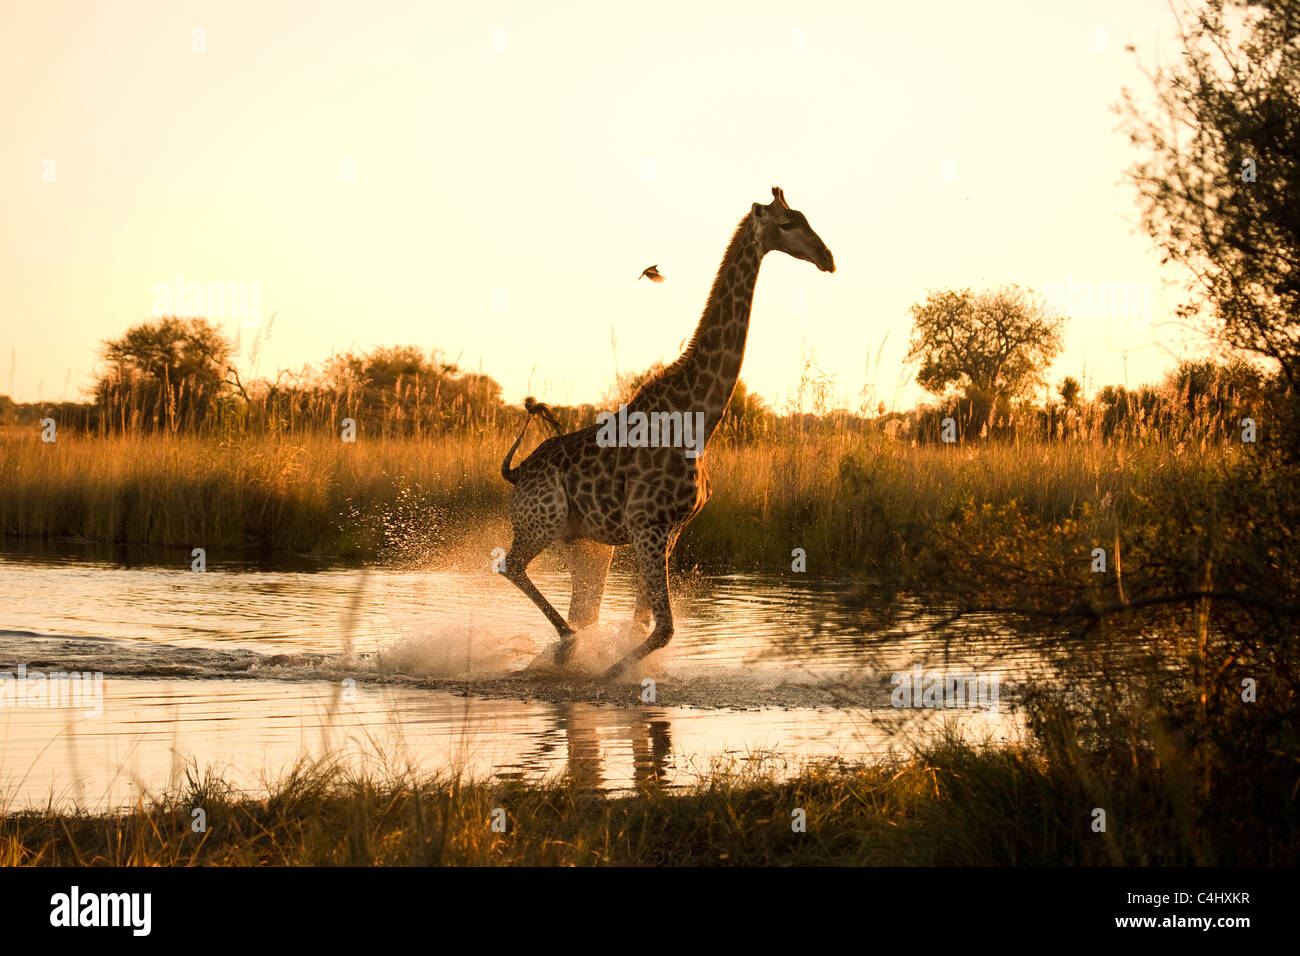 Jirafa (Giraffa camelopardalis) que se ejecuta en un área inundada en el Delta del Okavango, Botswana Imagen De Stock